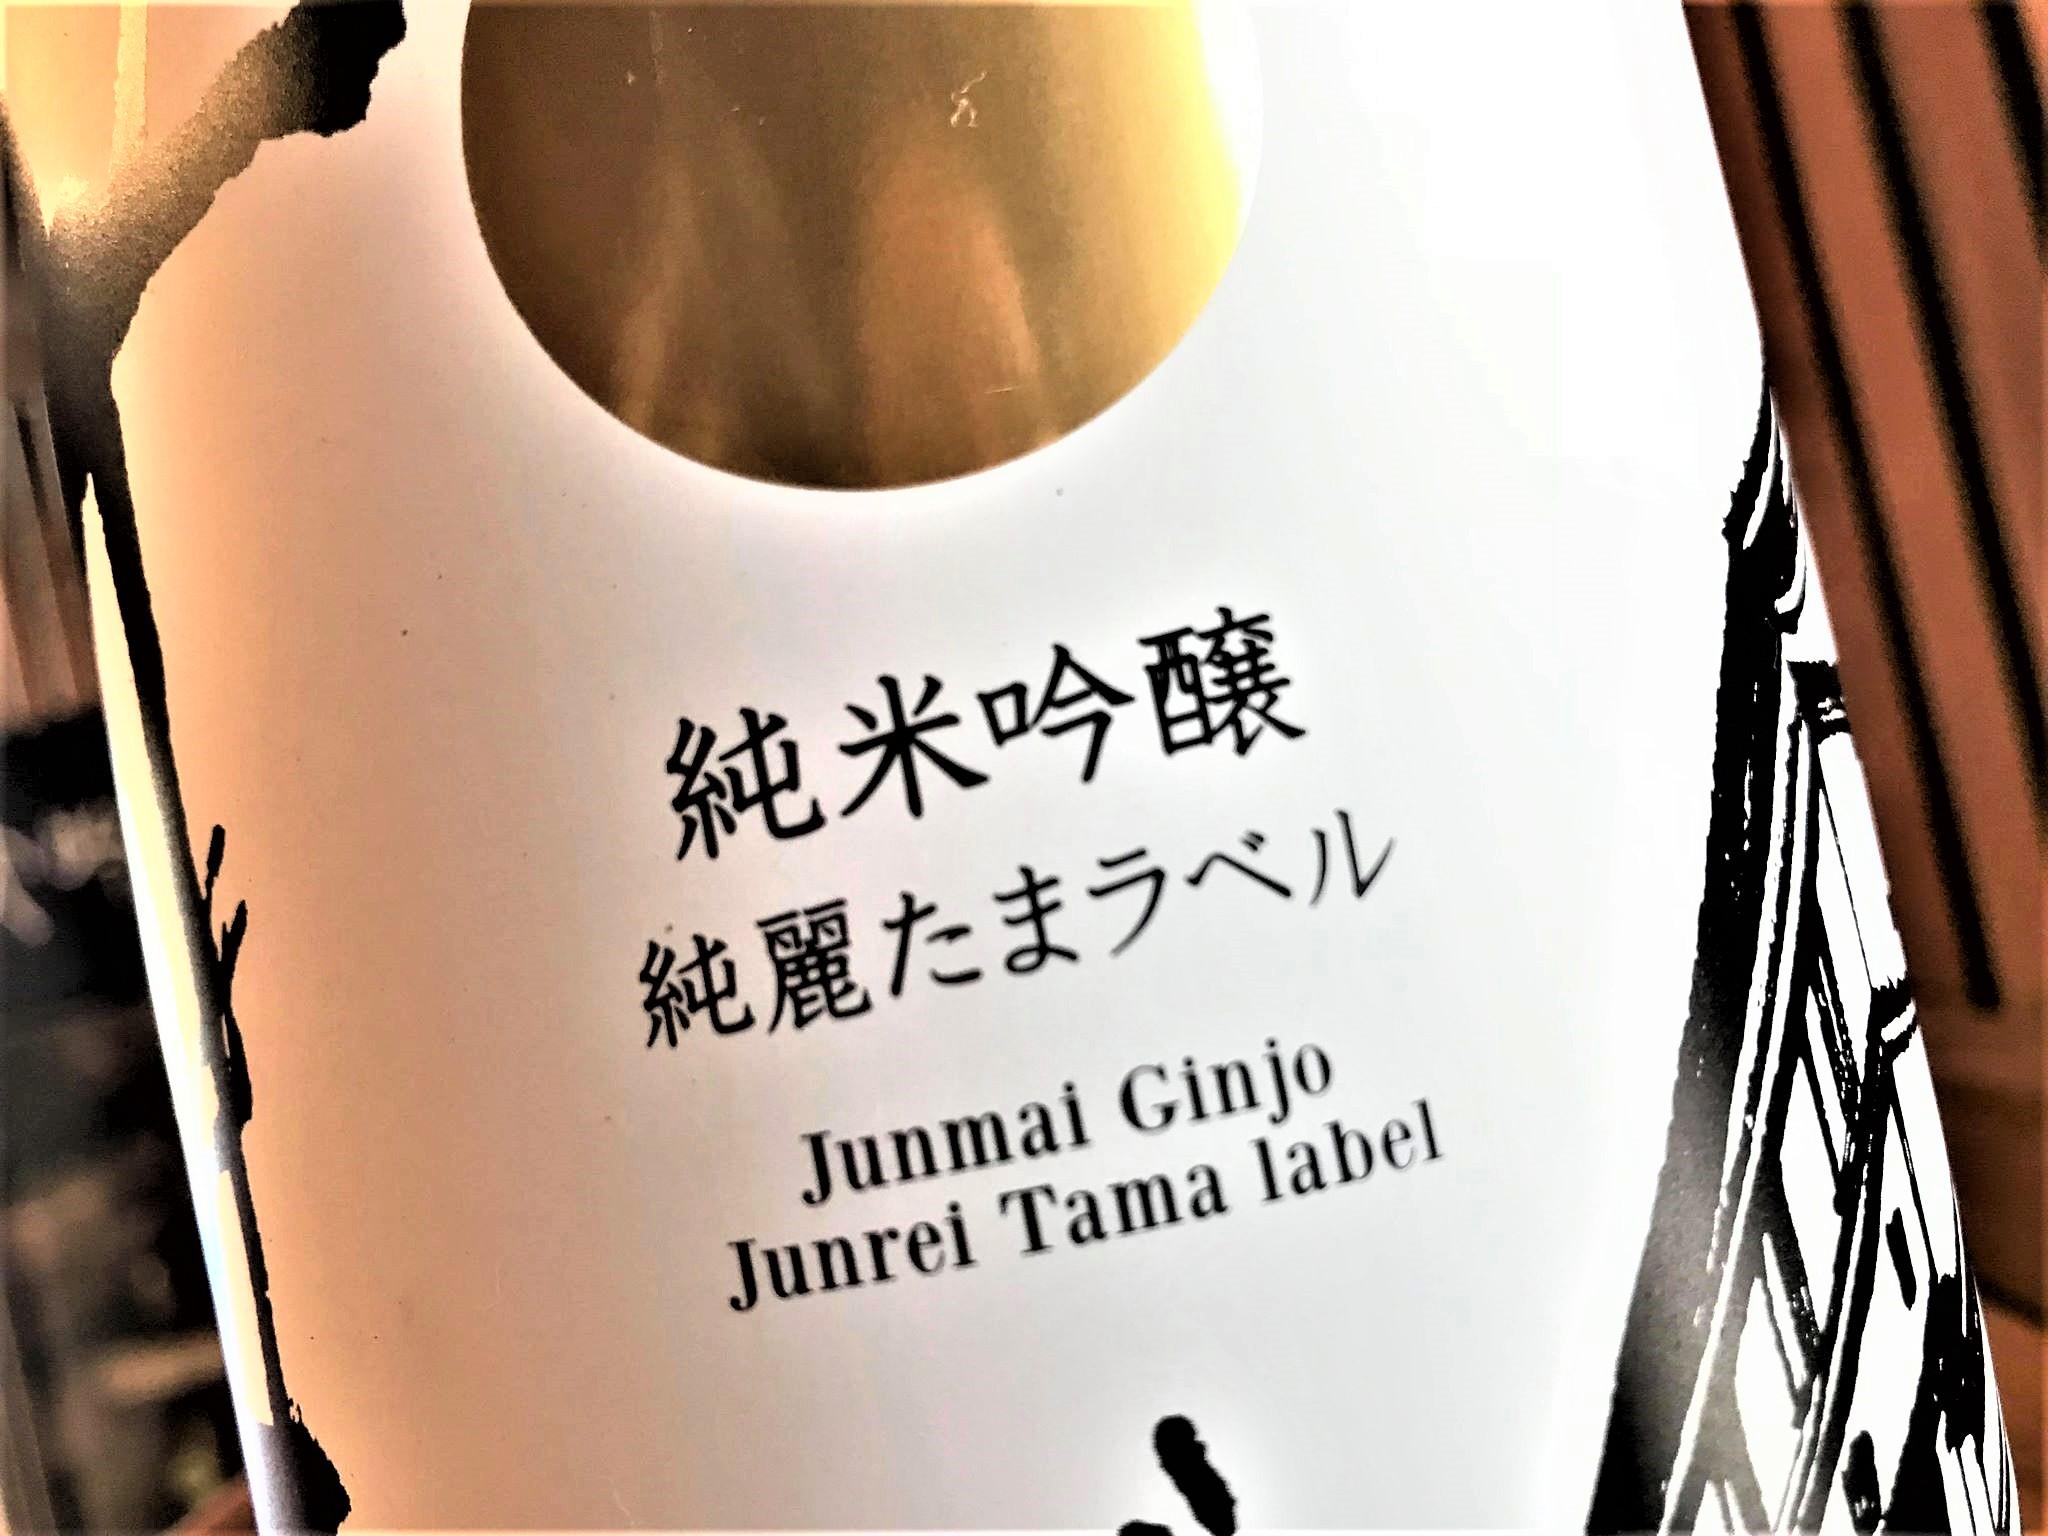 【日本酒】美丈夫 令和💧しぼりたて 純麗たまラベル 純米吟醸 無濾過生原酒 限定 新酒令和1BY🆕_e0173738_18143568.jpg